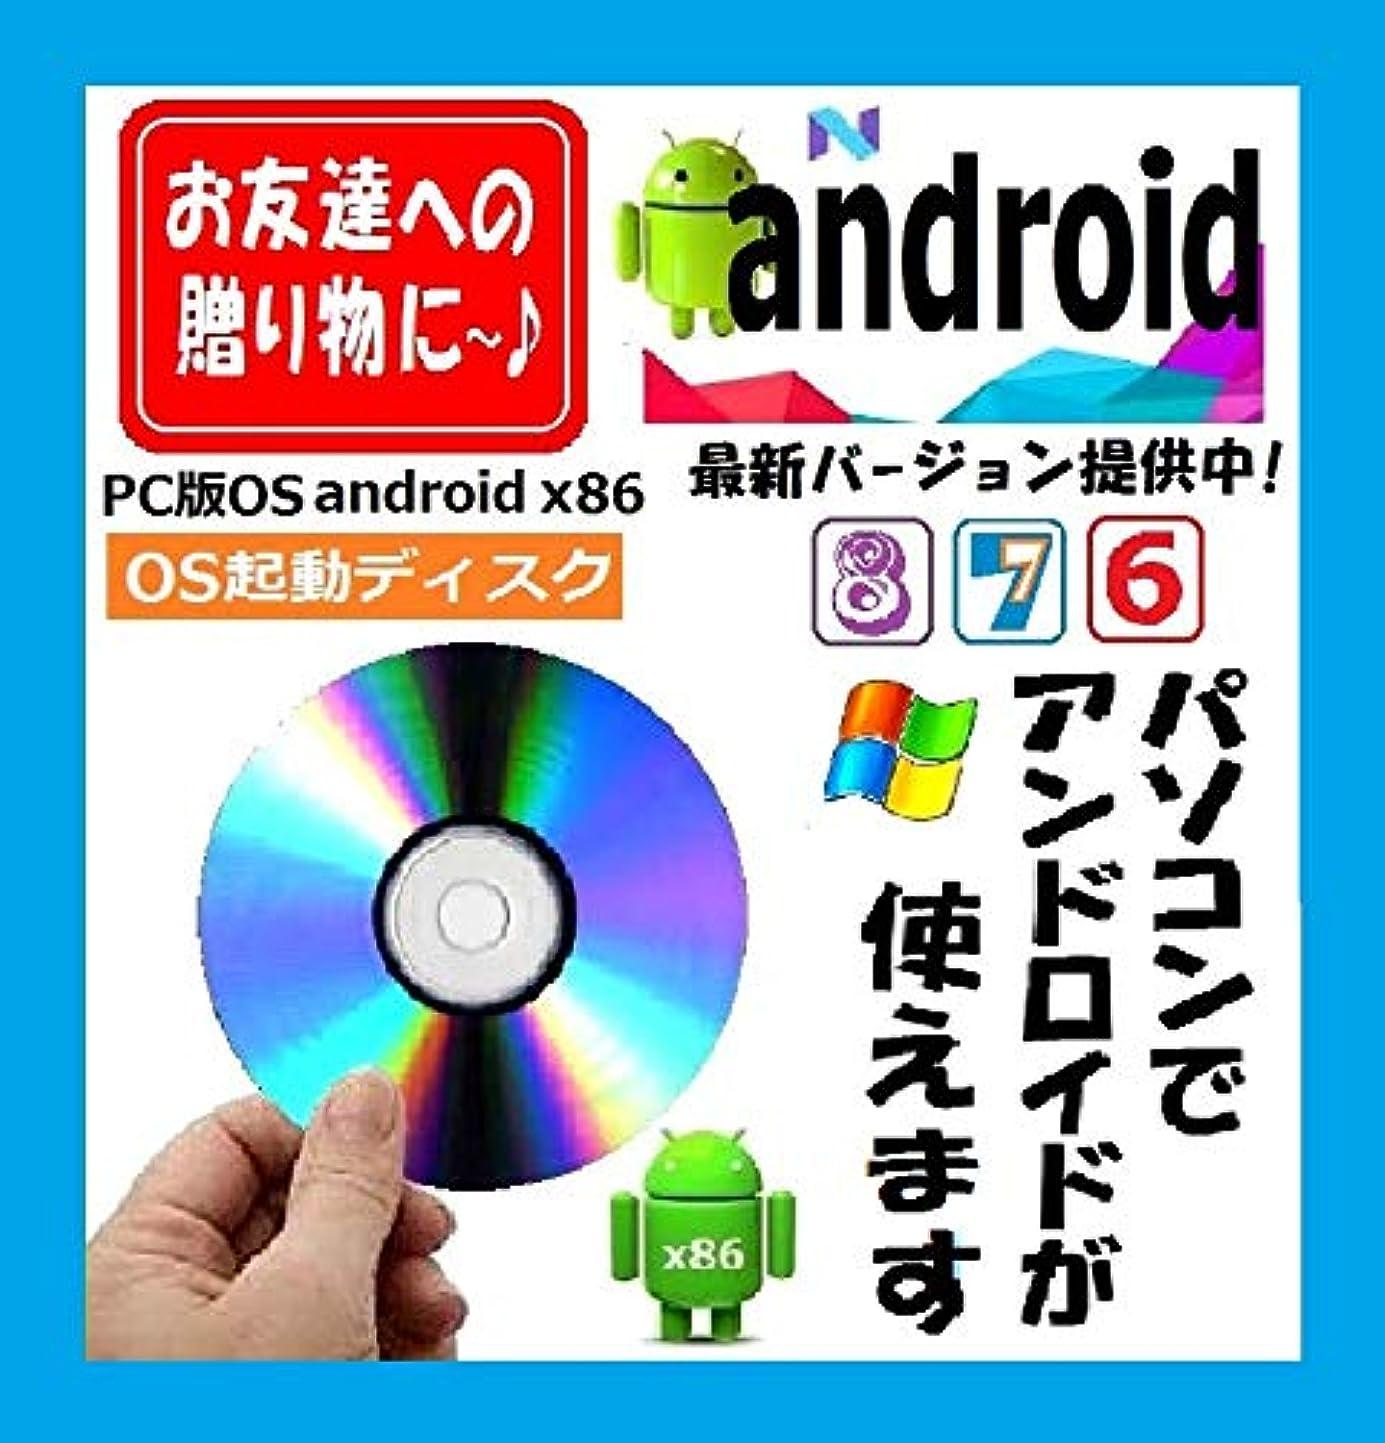 致命的な毒電卓パソコンでAndroidが使える様になりました/OS起動ディスク(国内発送品)【 対応】Google Play/Windows/Excel/通信料気にせずスマホアプリを楽しめます。No.1G8P